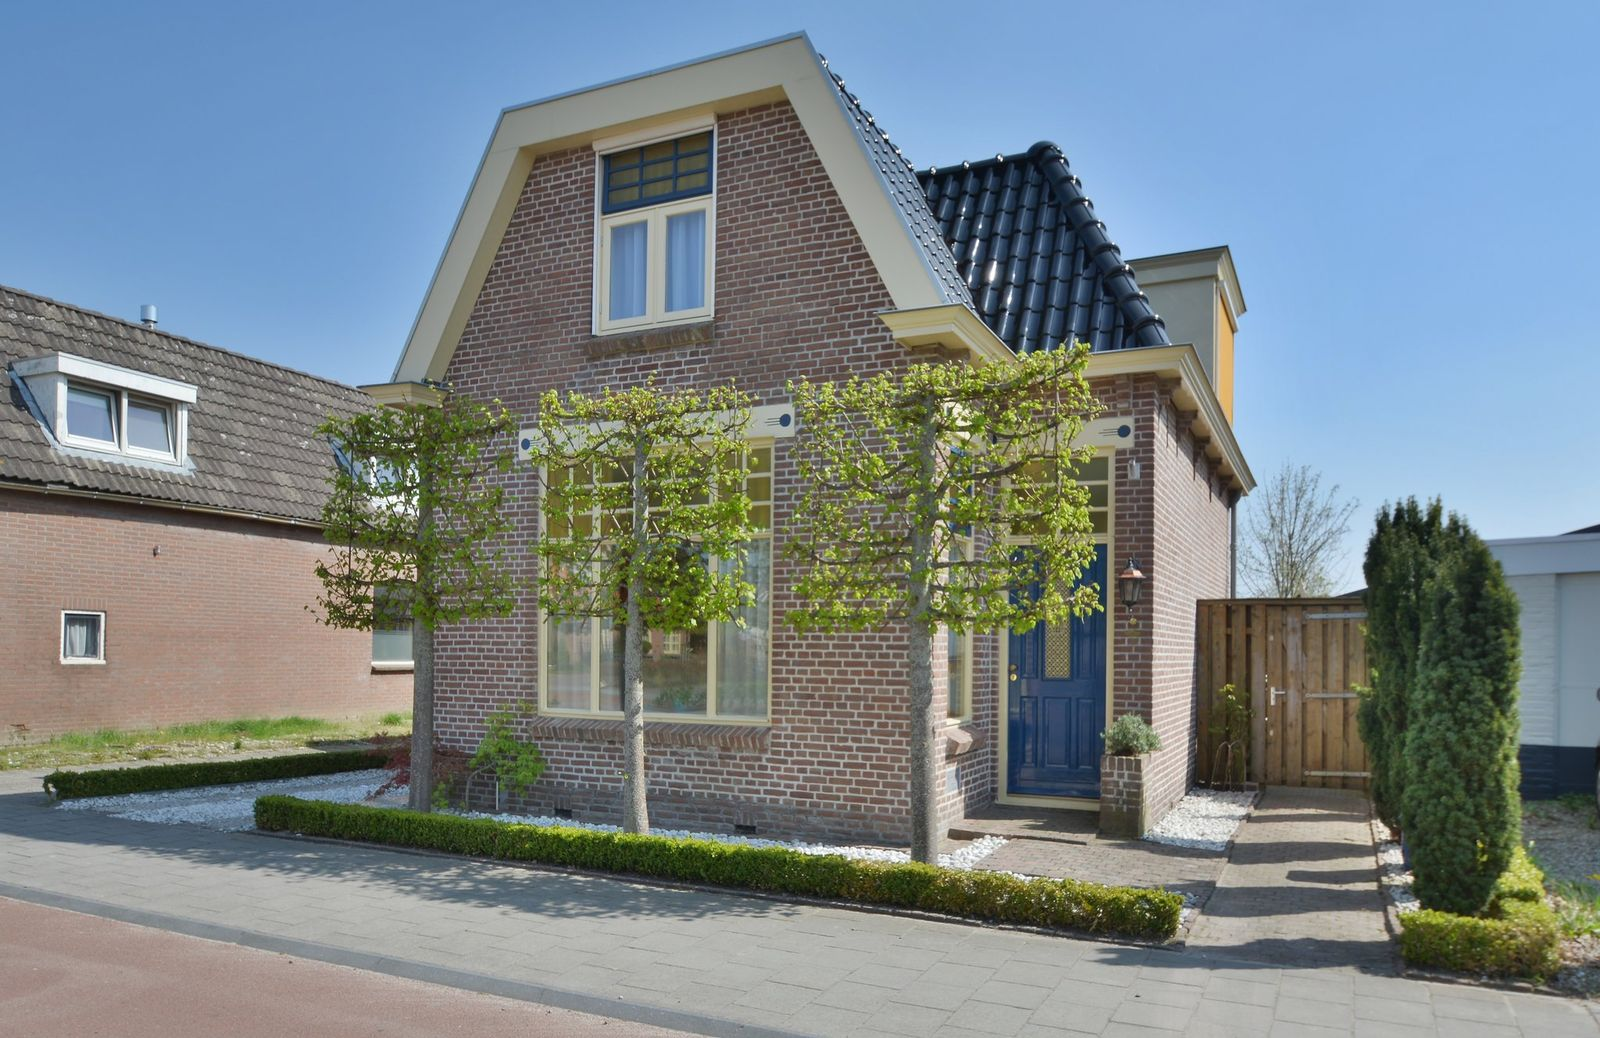 Groningerstraat 268, Assen